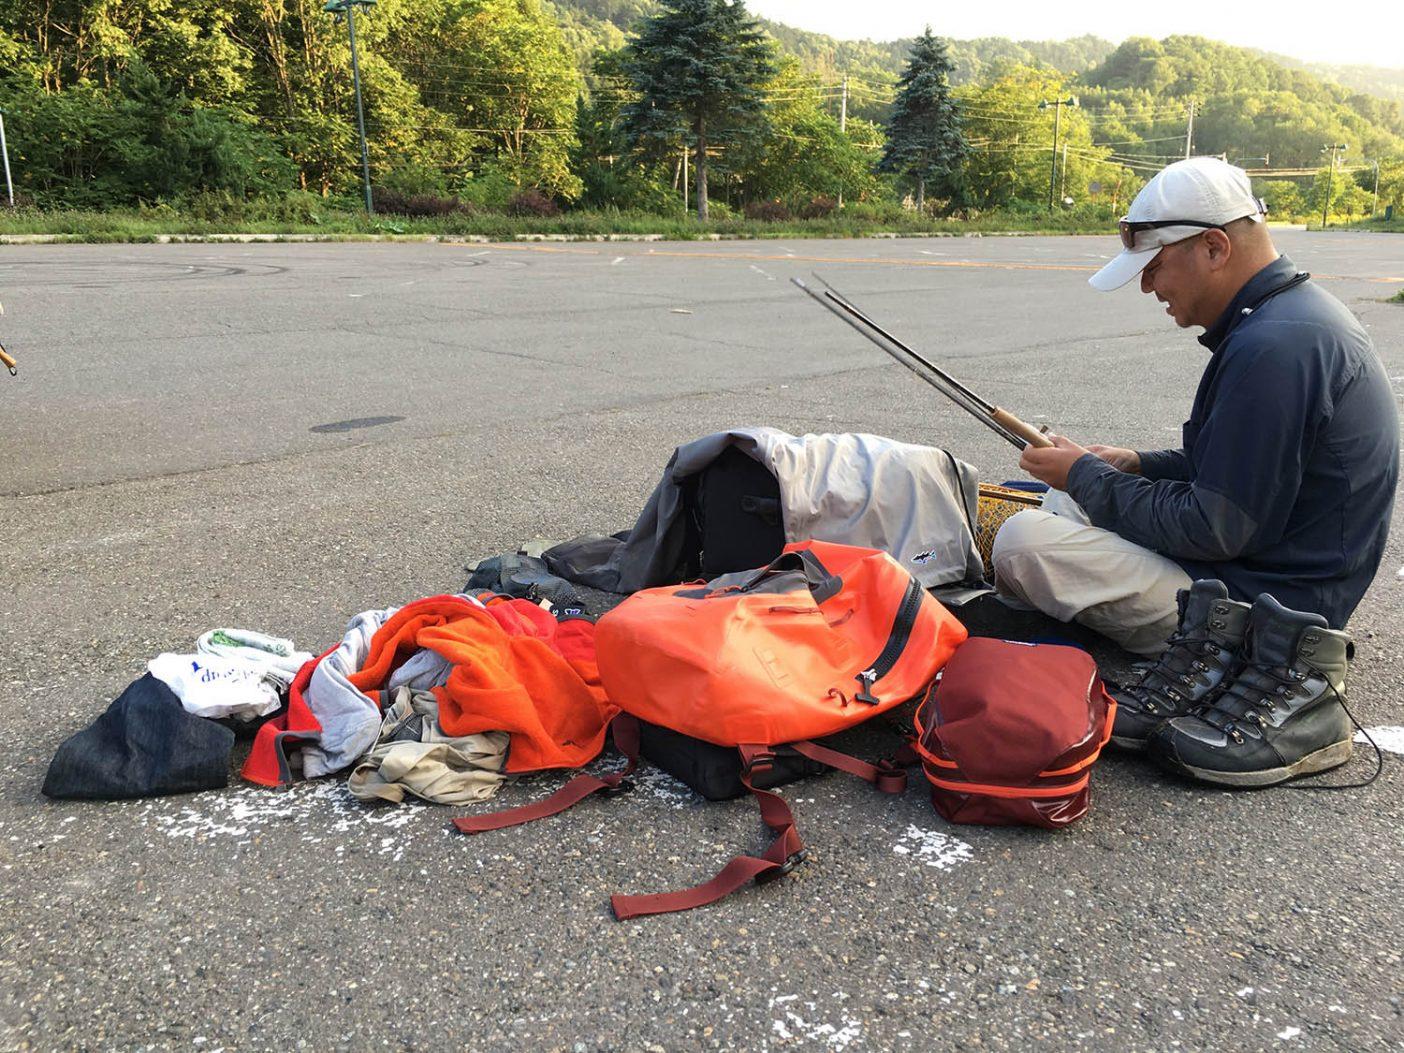 名残惜しいが必ず訪れる旅の終わり。感傷に浸っている間もなく道端で荷造り開始 写真:佐々木 大